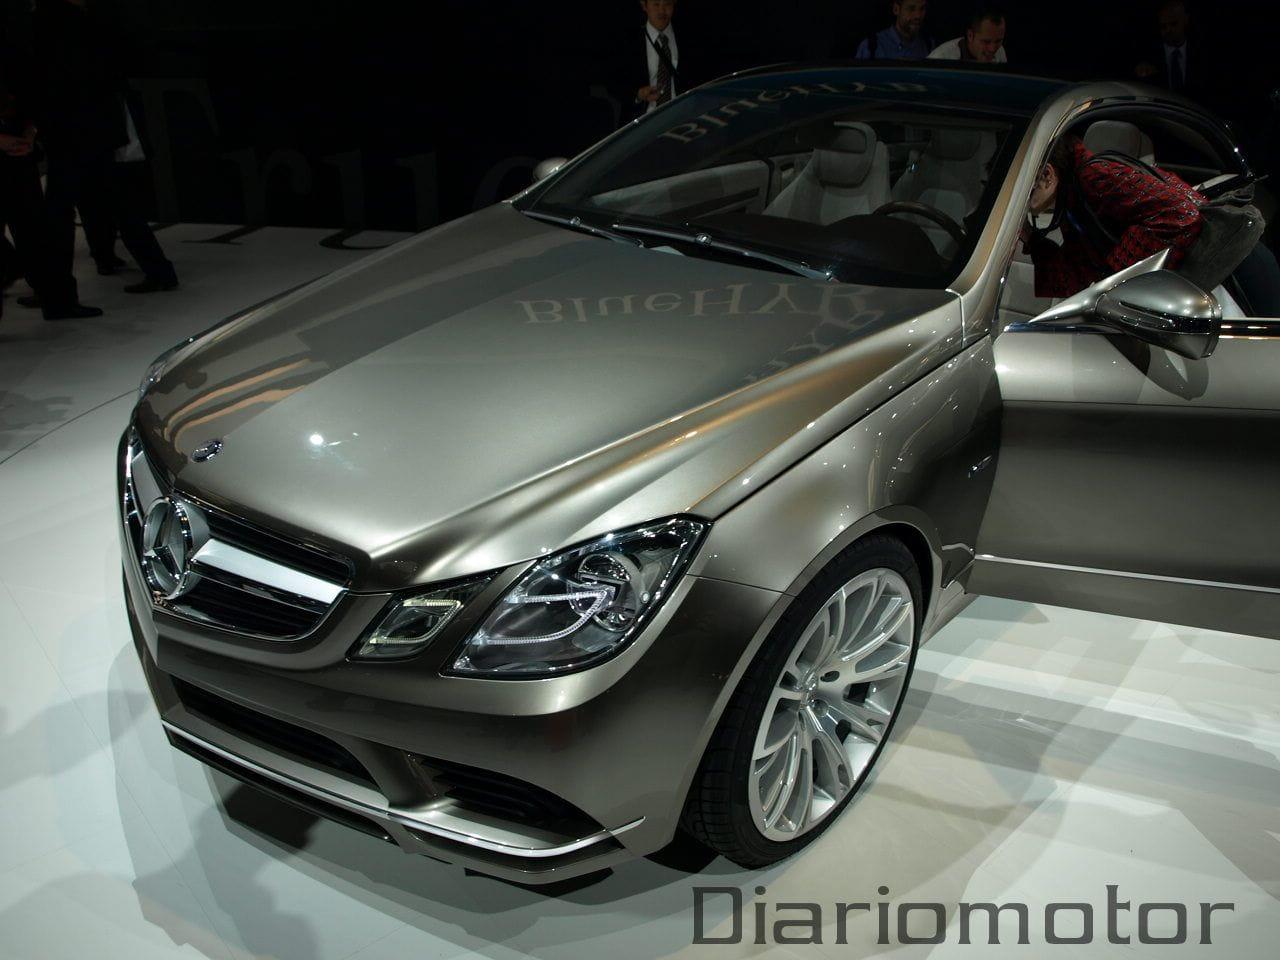 Mercedes conceptfascination en par s 2008 foto 15 de 21 for Garage mercedes paris 12